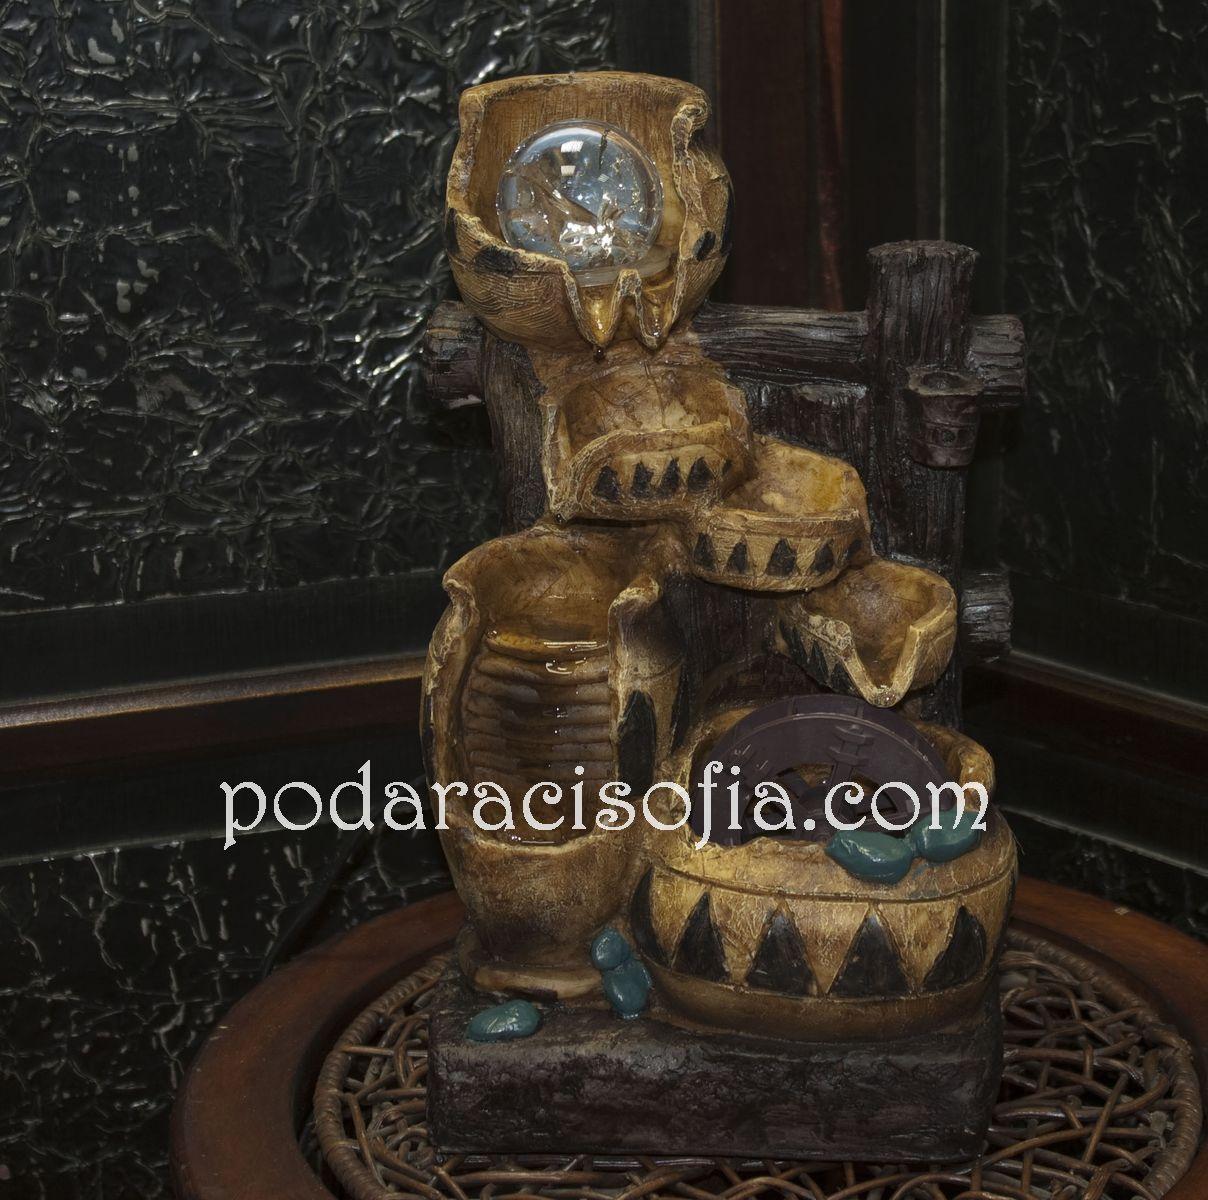 Малък декоративен фонтан с приятен ромон на водата.